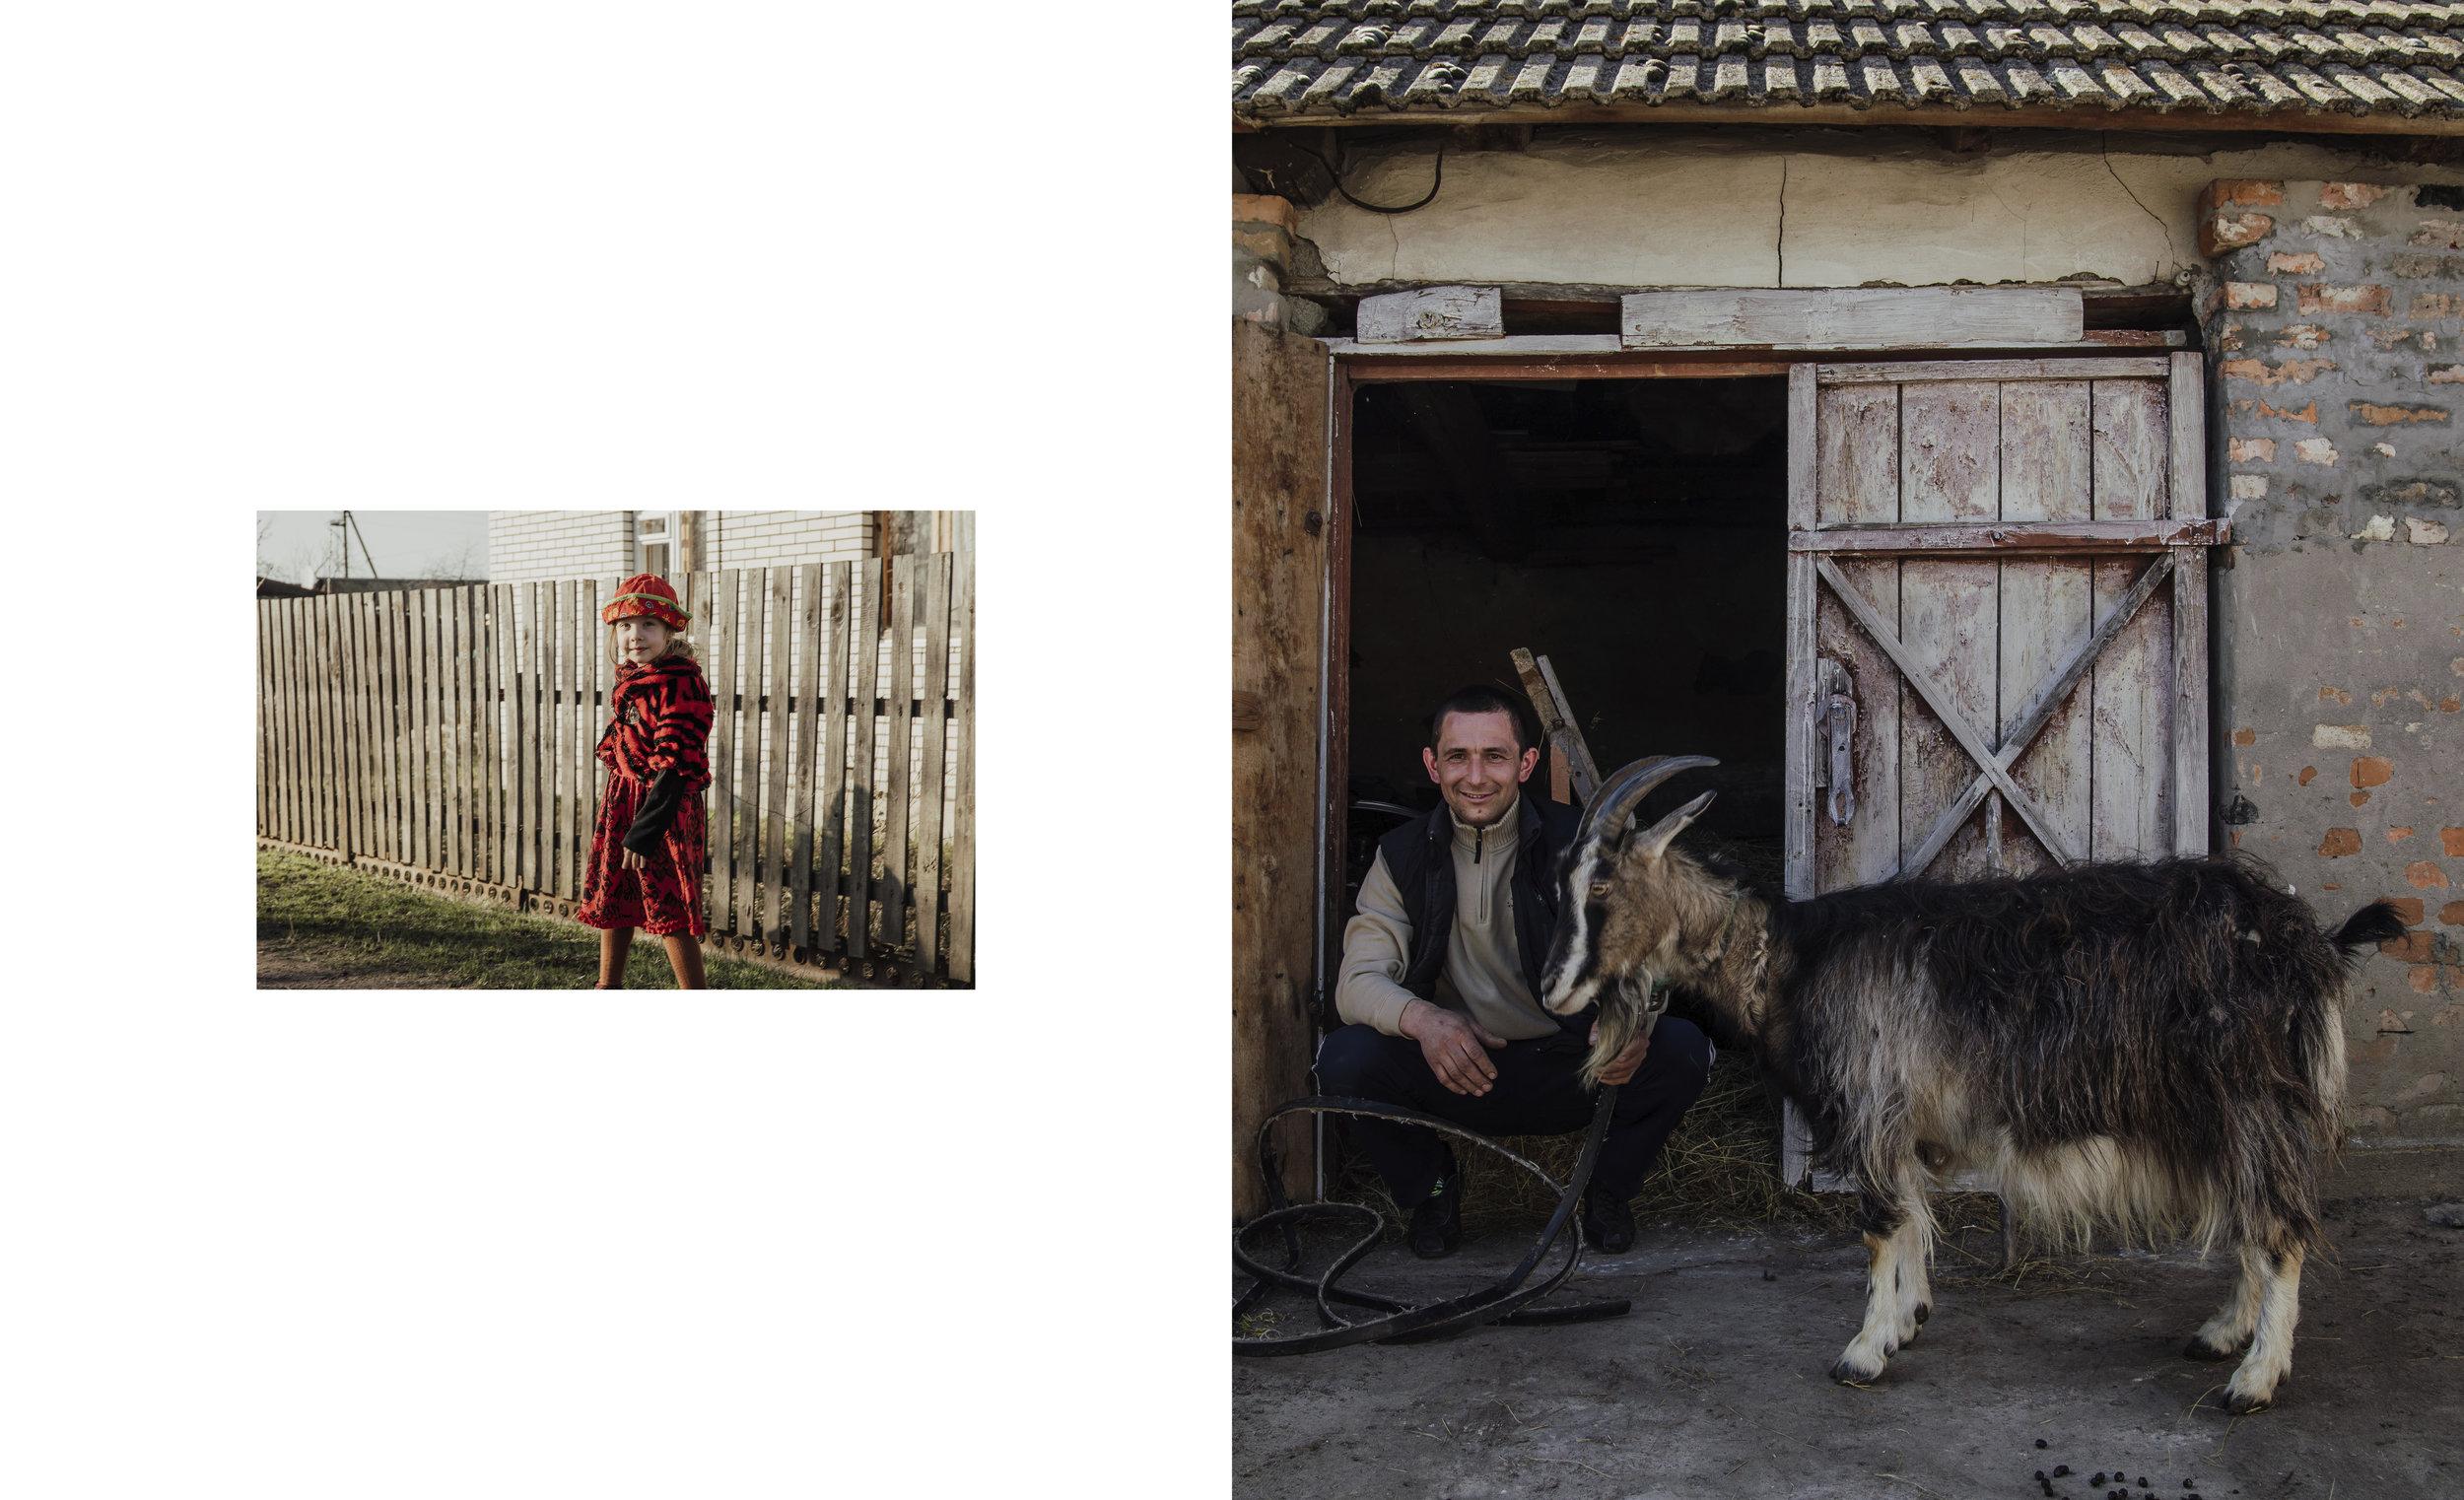 Korosten, Ukraina (spreads)15.jpg